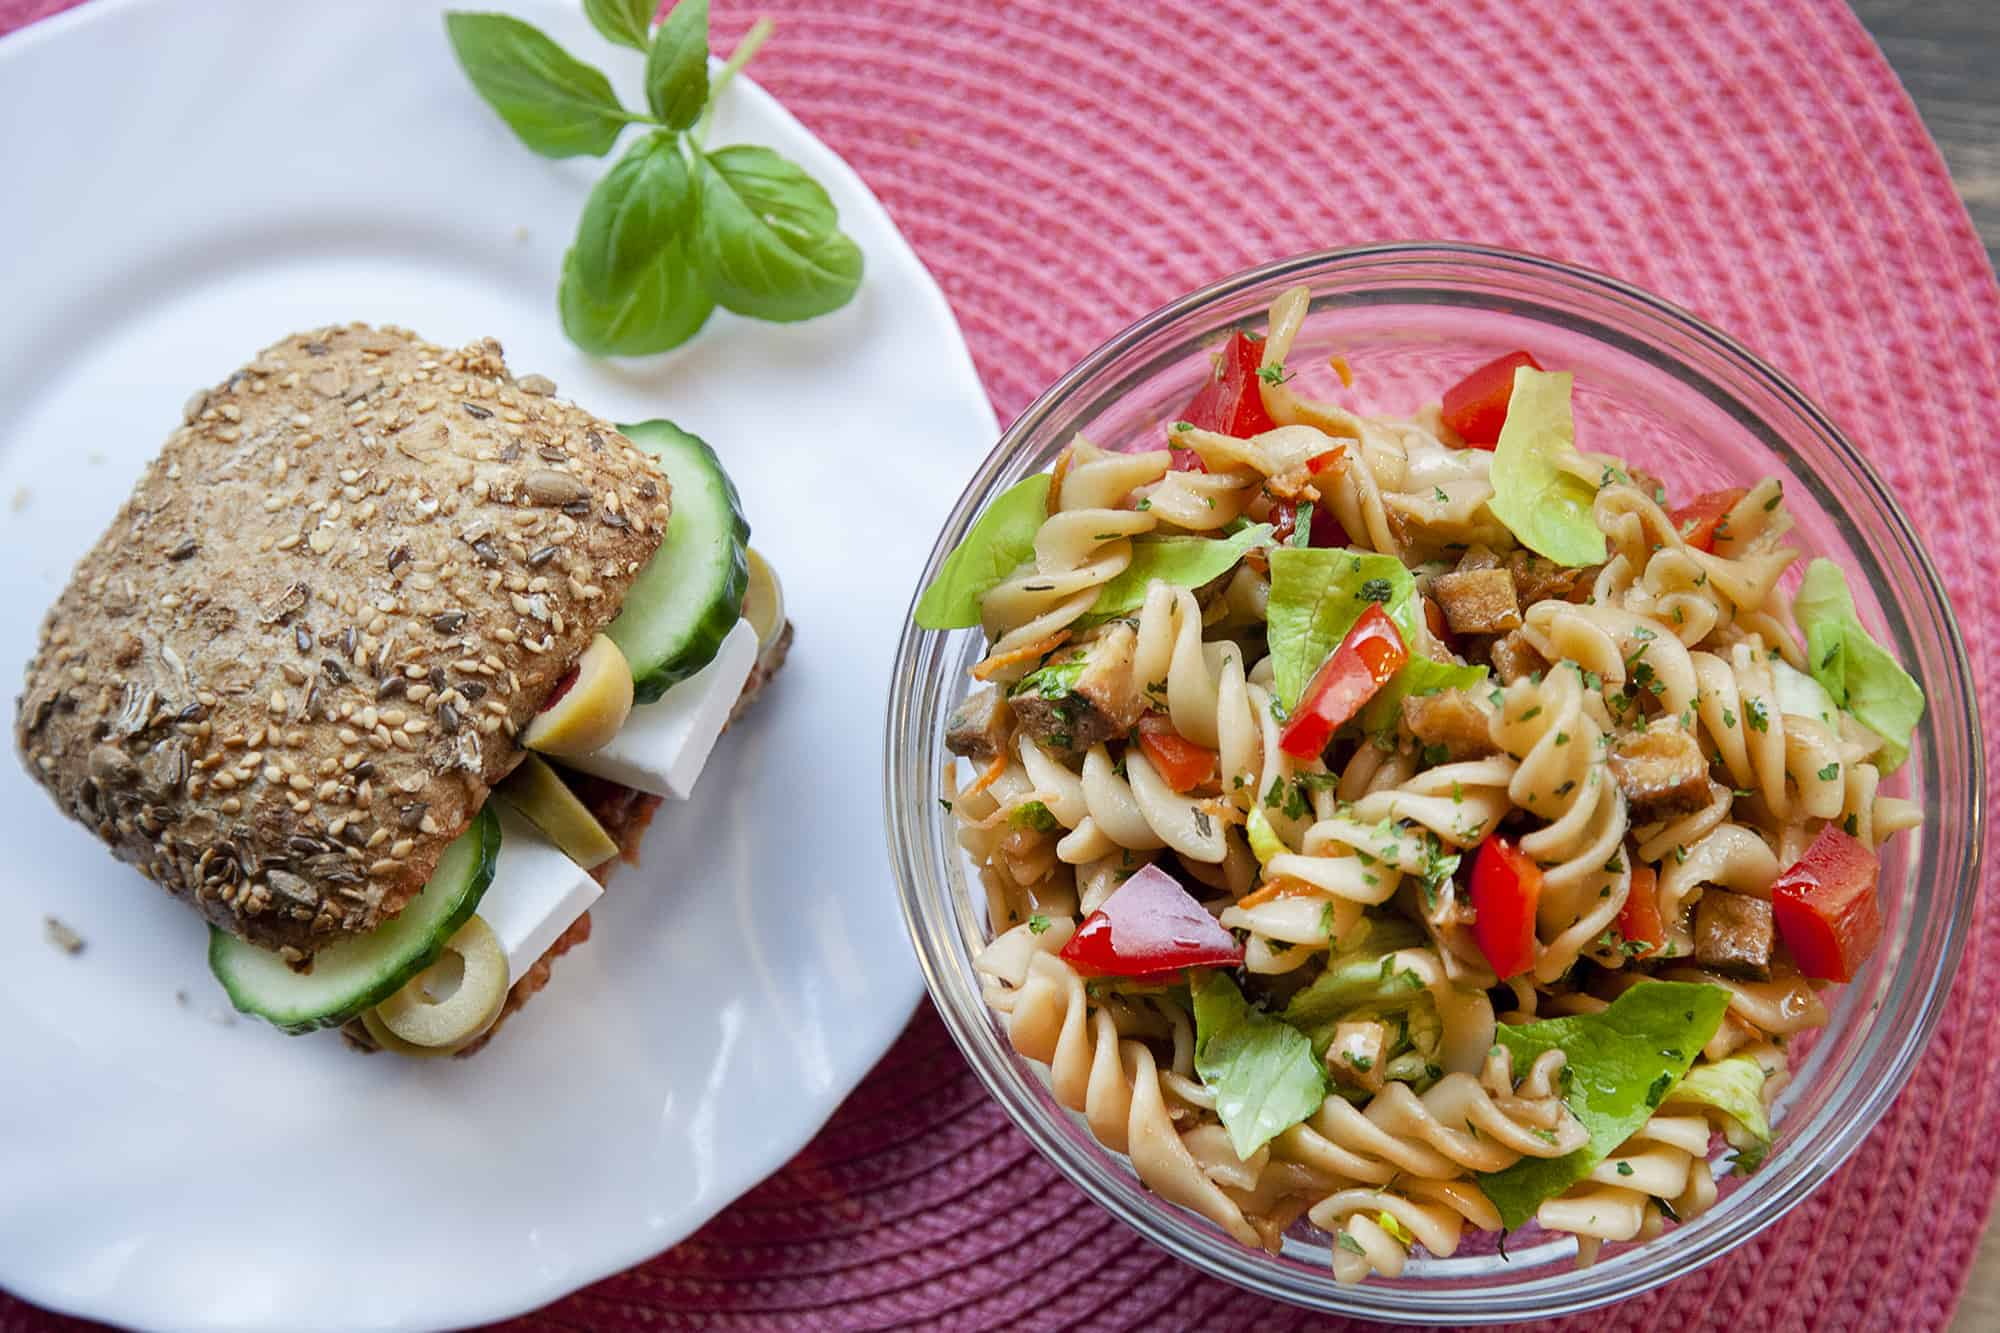 vegan-szendvics-salata-napfenyes-cukraszat